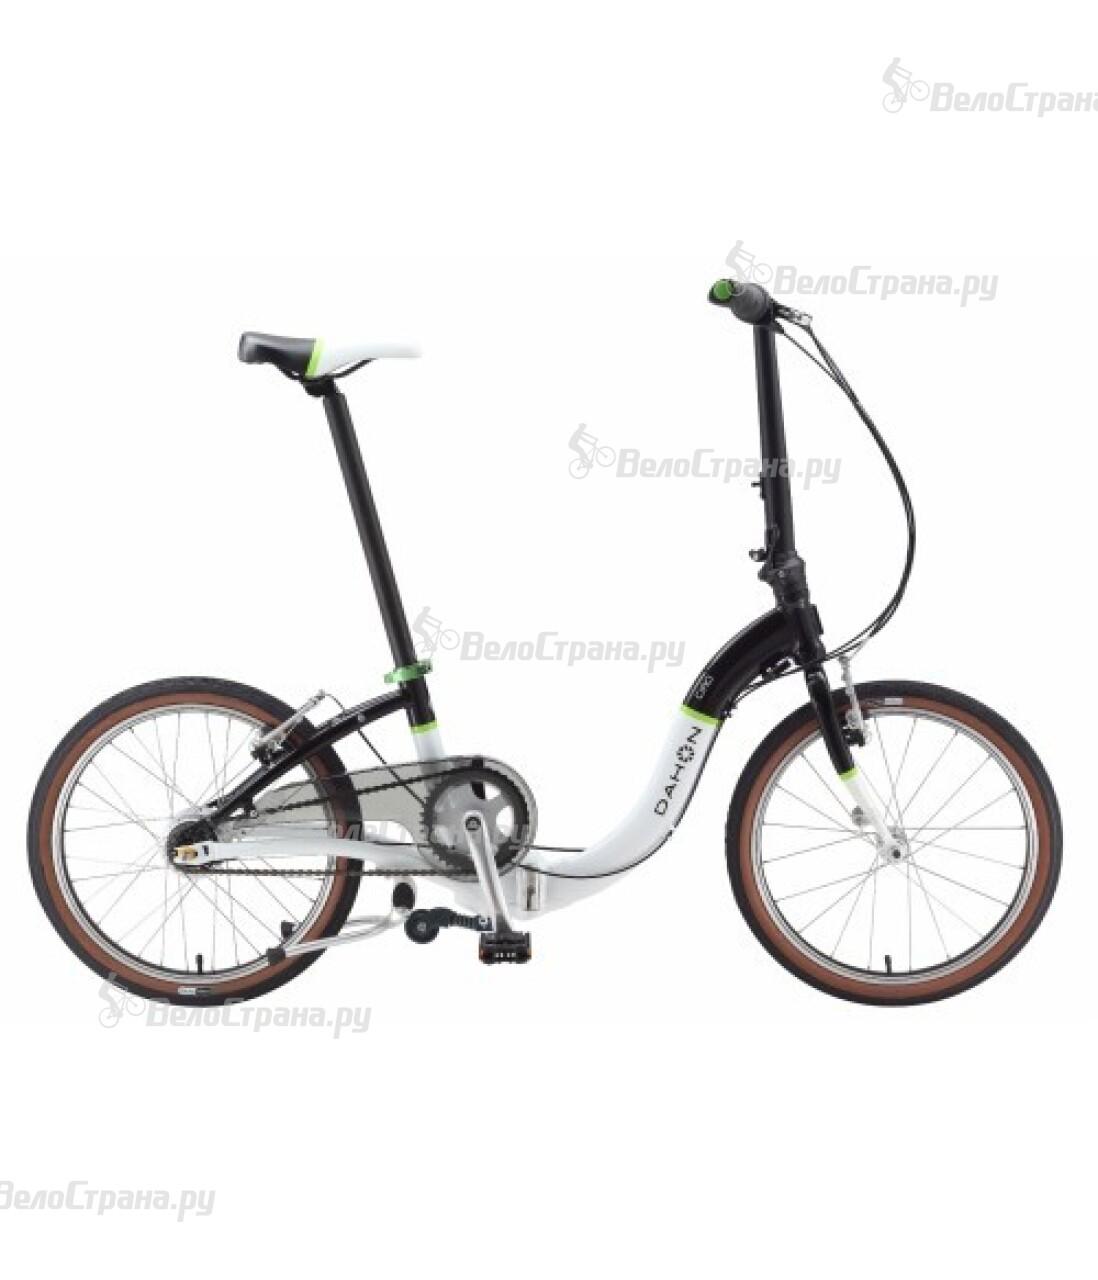 Велосипед Dahon Ciao D7 (2015) велосипед dahon vybe d7 u 2017